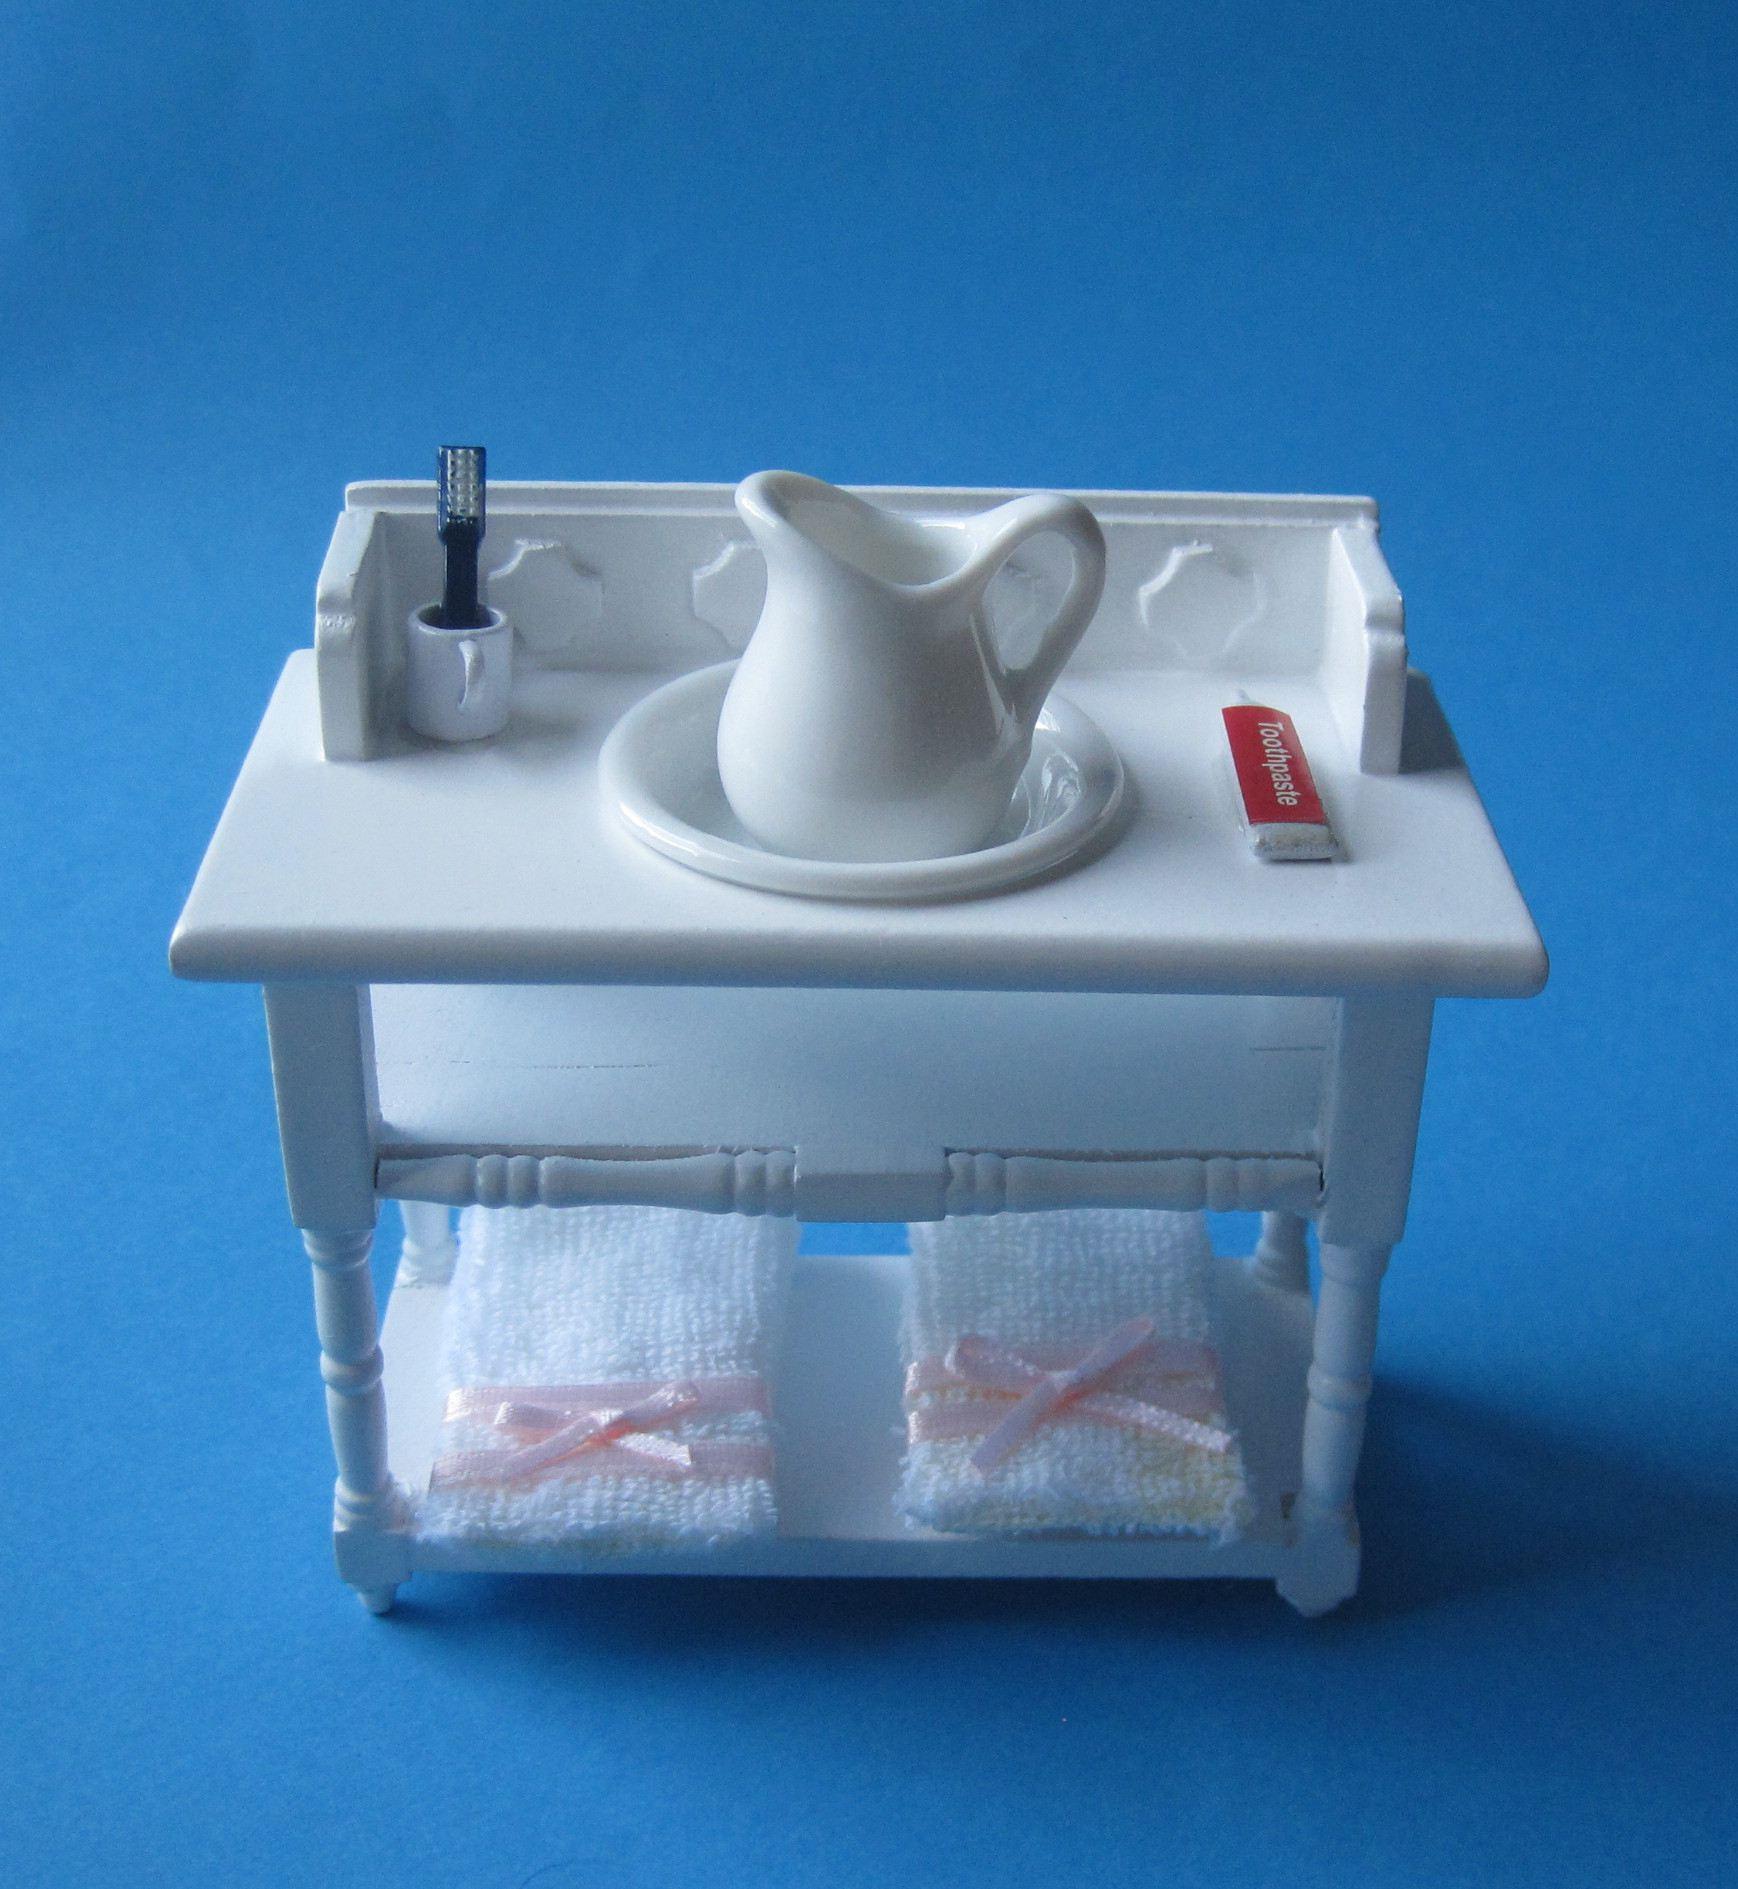 badezimmer waschtisch weiss mit handt cher krug sch ssel puppenhaus m bel miniatur 1 12. Black Bedroom Furniture Sets. Home Design Ideas